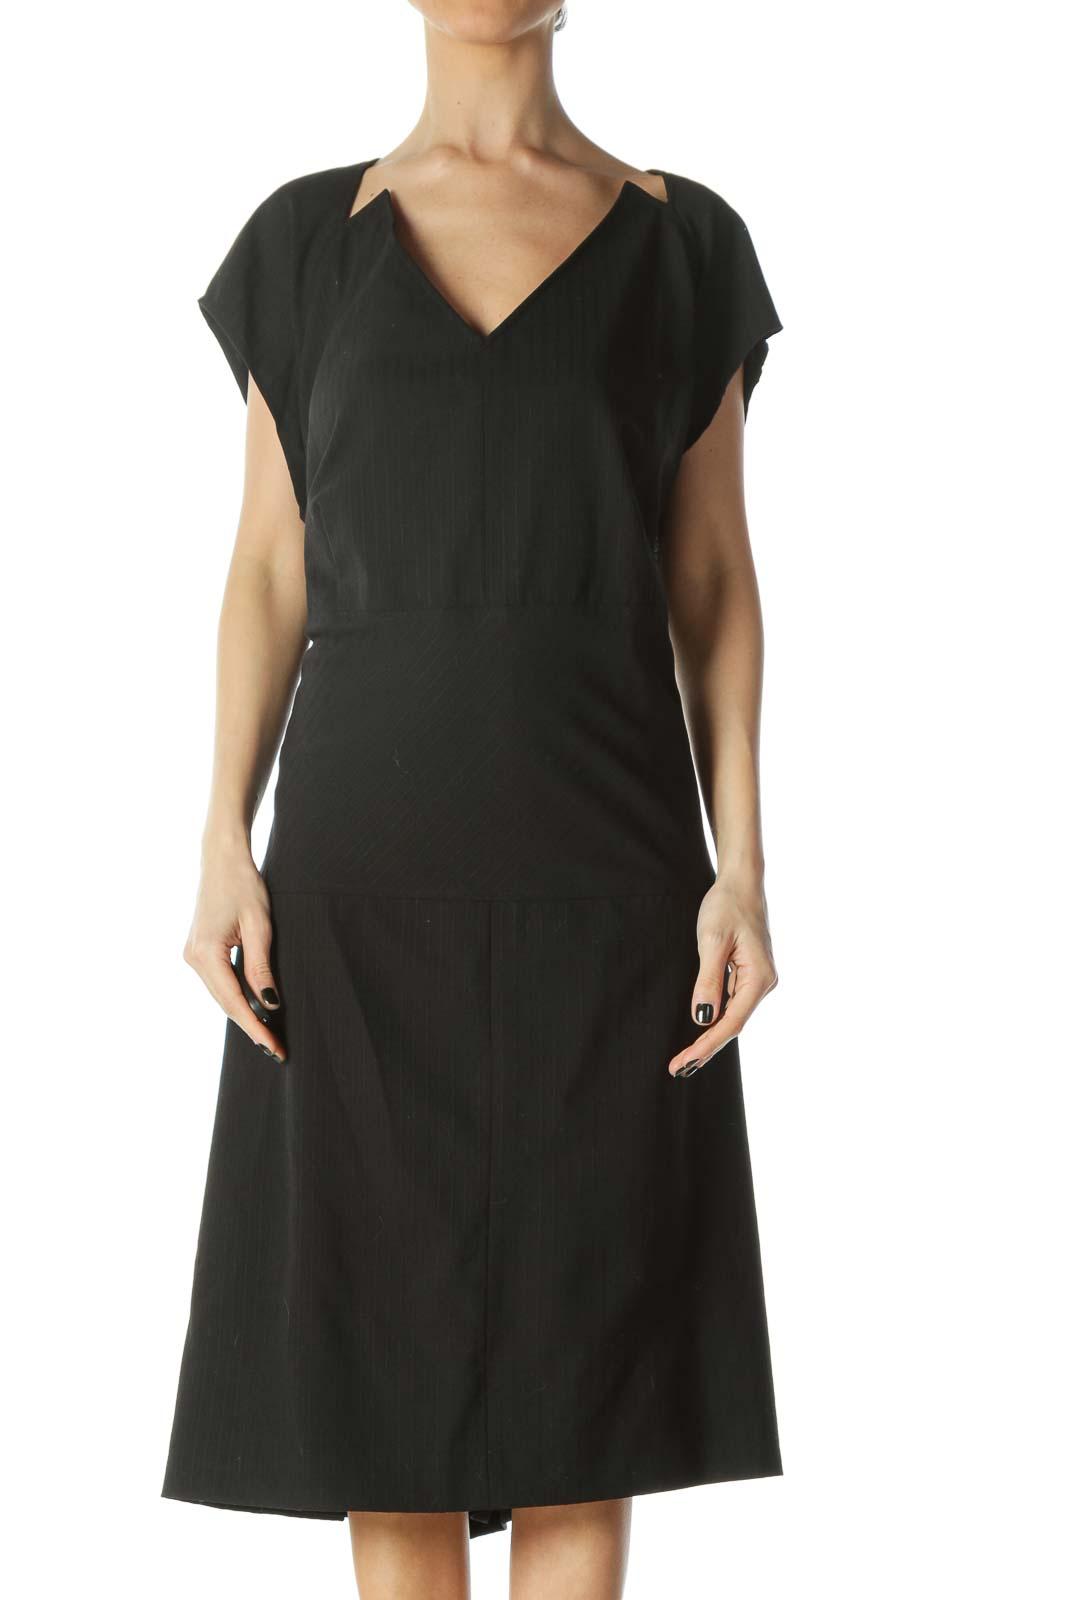 Black Cap-Sleeve Work Dress